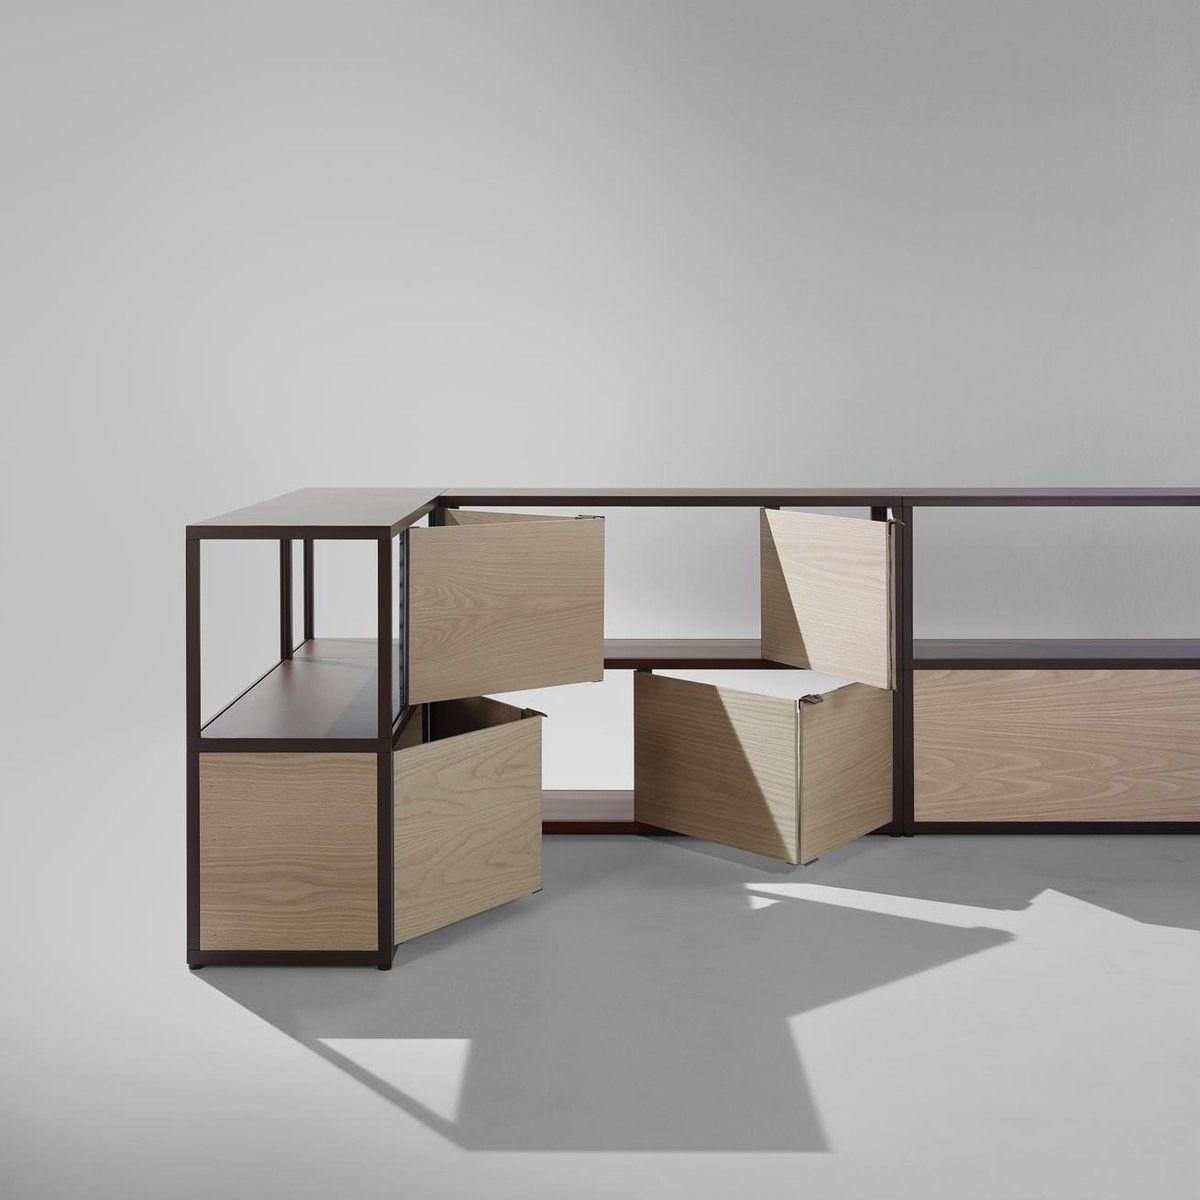 HAY - New Order Shelf With Door 100x79.5cm & New Order Shelf With Door 100x79.5cm   HAY   AmbienteDirect.com pezcame.com